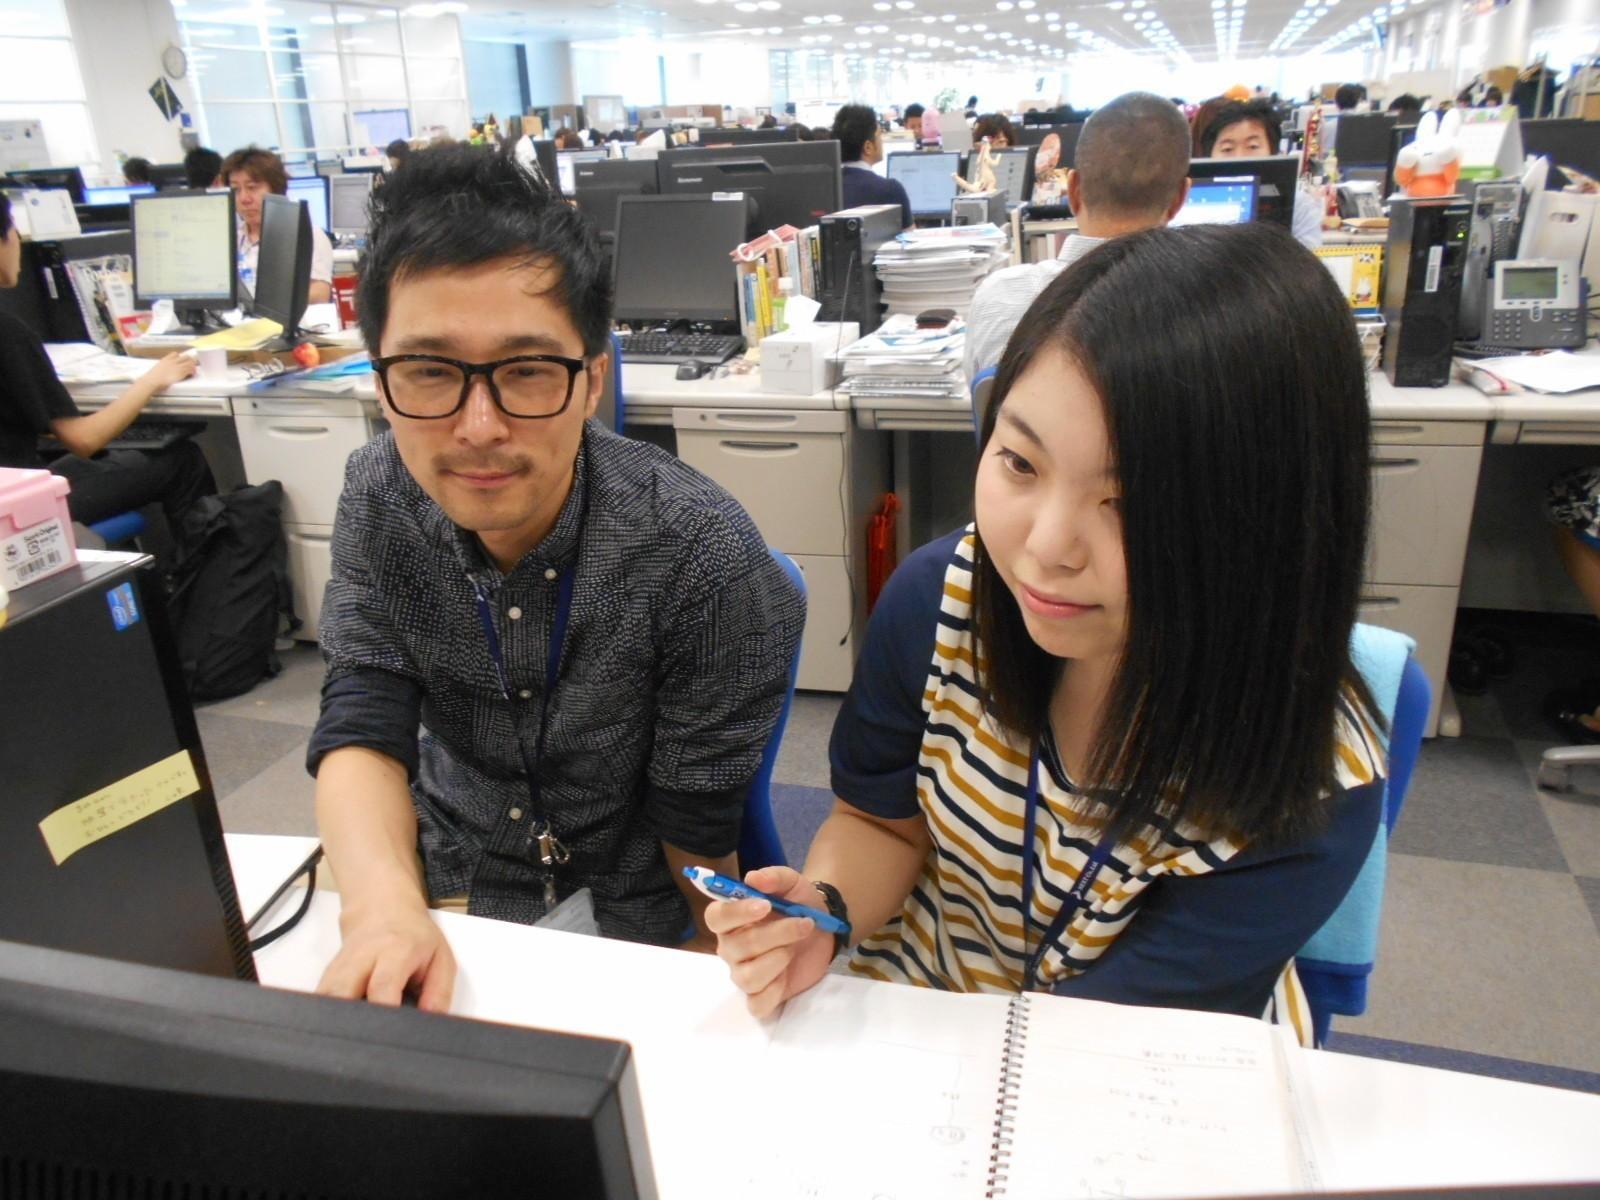 株式会社ネクスト・日本最大級の不動産・住宅情報サイト「HOME'S」の新築分譲戸建てや中古不動産領域のサービス開発を担う組織にて活躍してくれるエンジニアを募集!